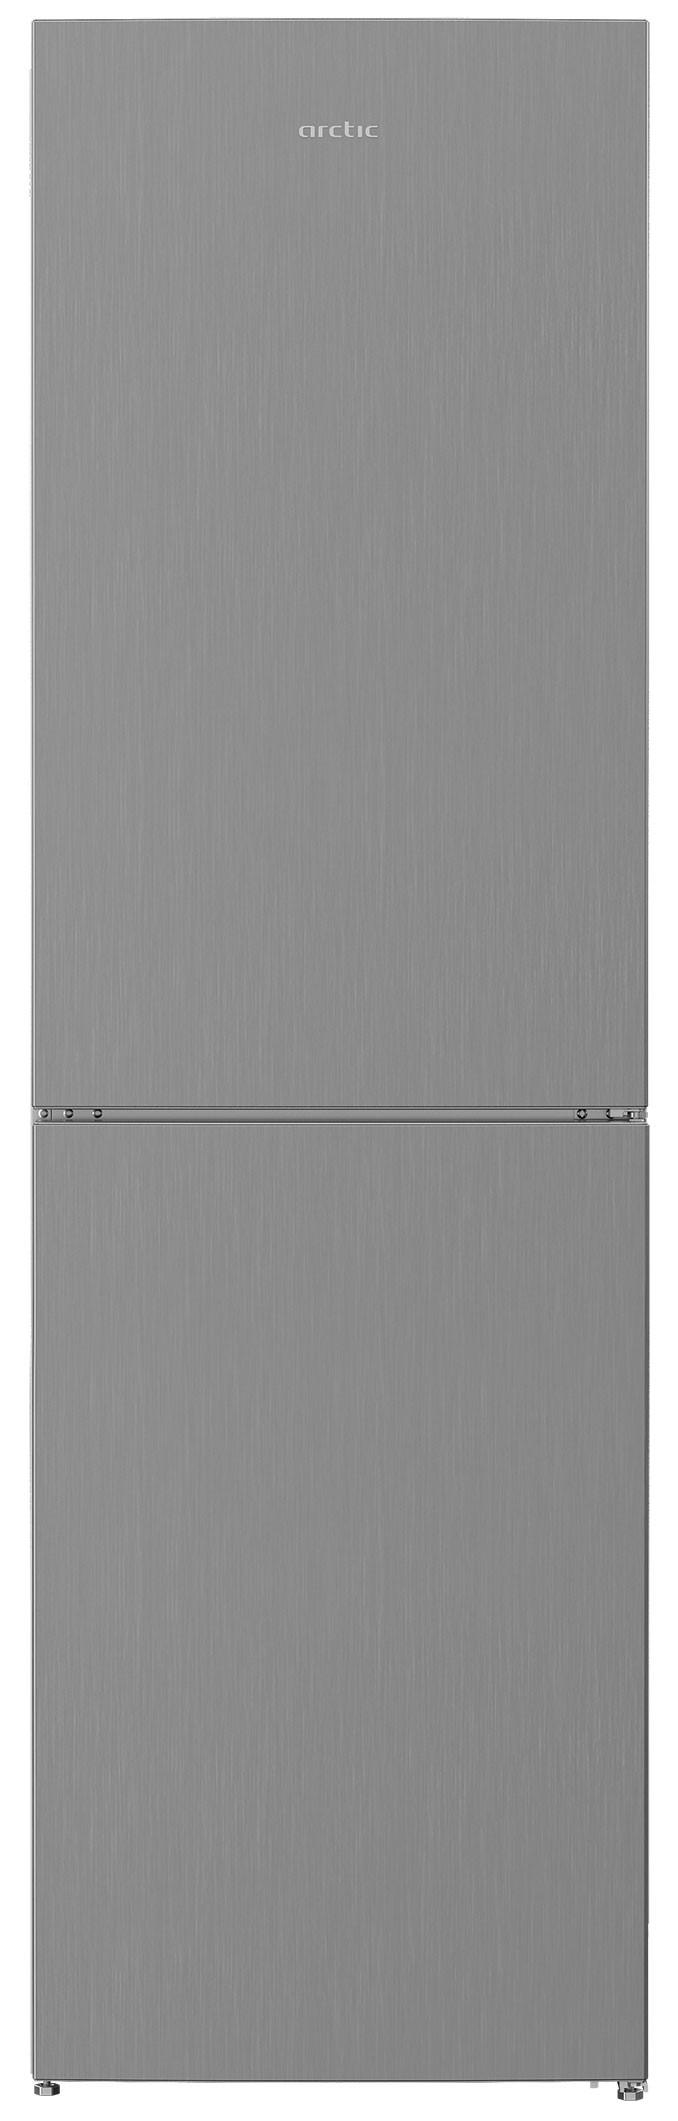 Combina frigorifica, Arctic, AK60350M30MT, 331 l, Clasa F, H 200,9 cm, Metal Look